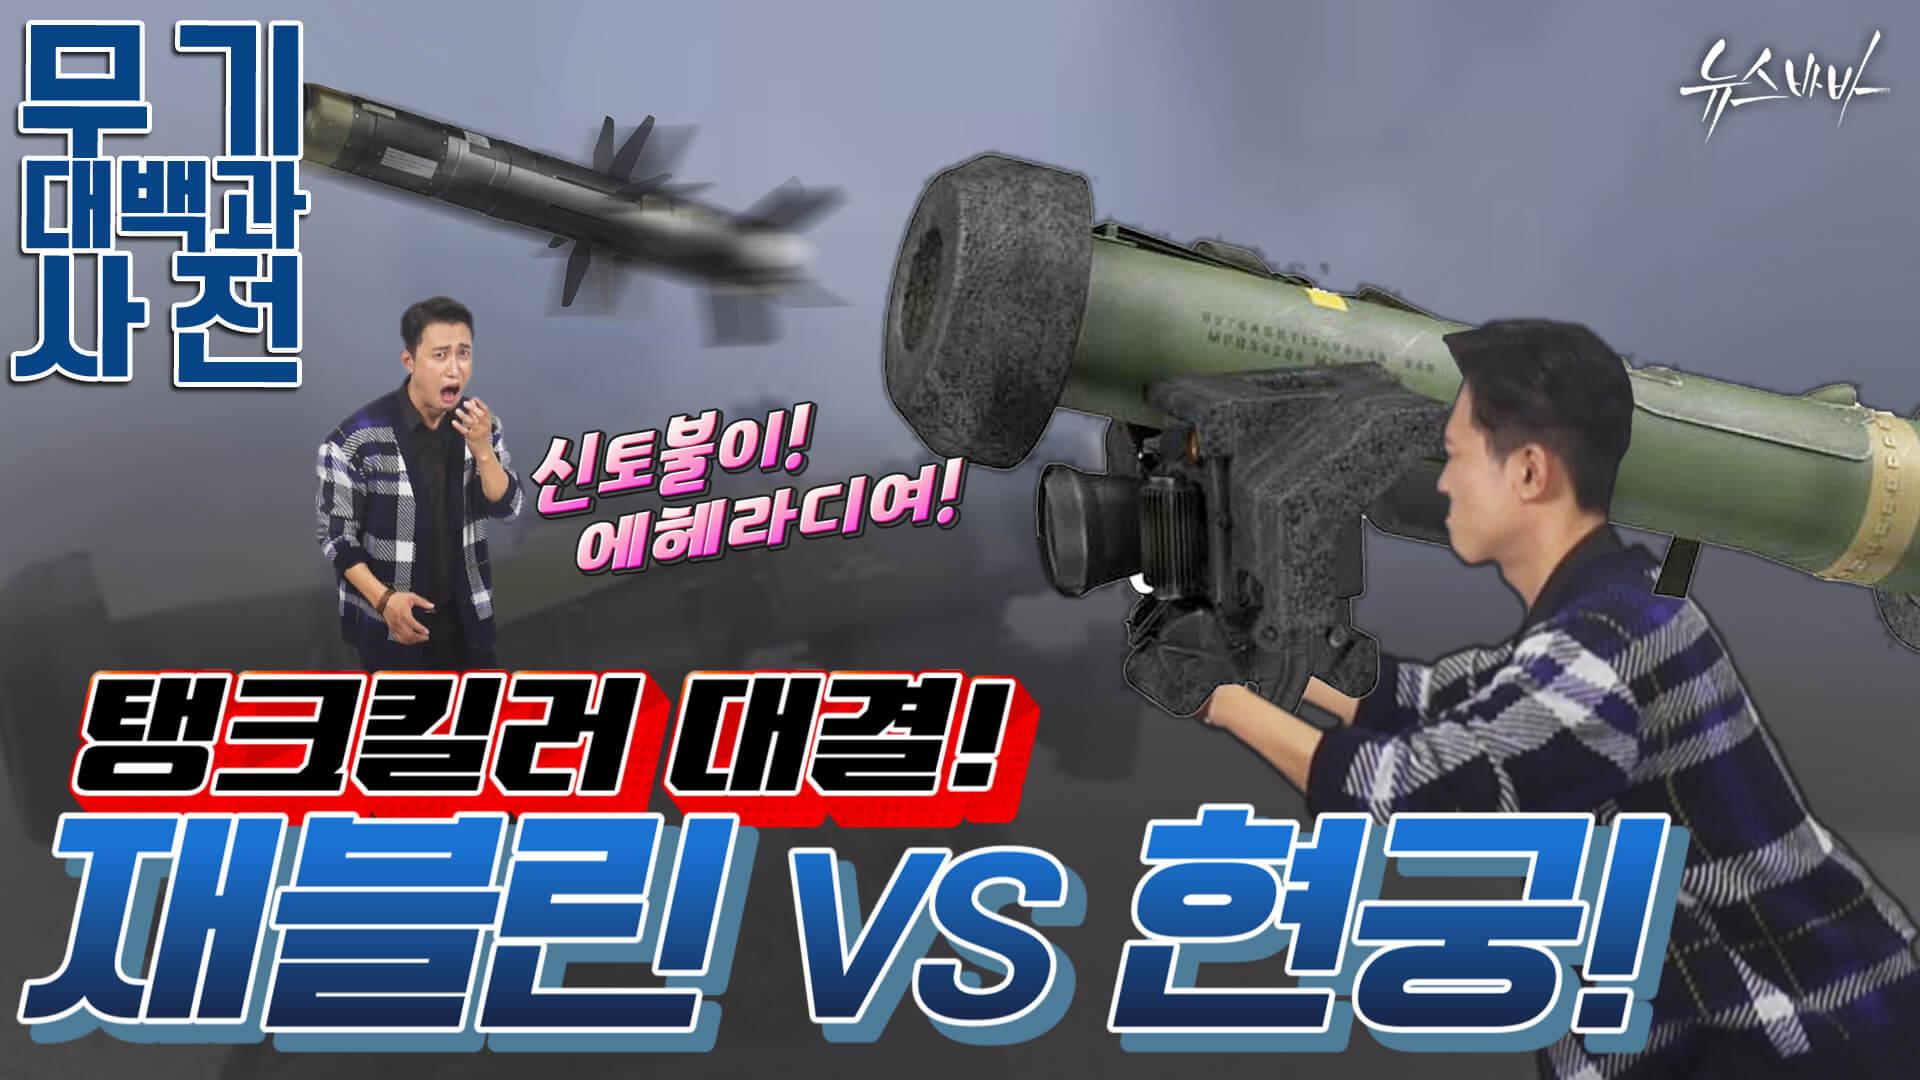 [뉴스바바] 탱크킬러 대결! 재블